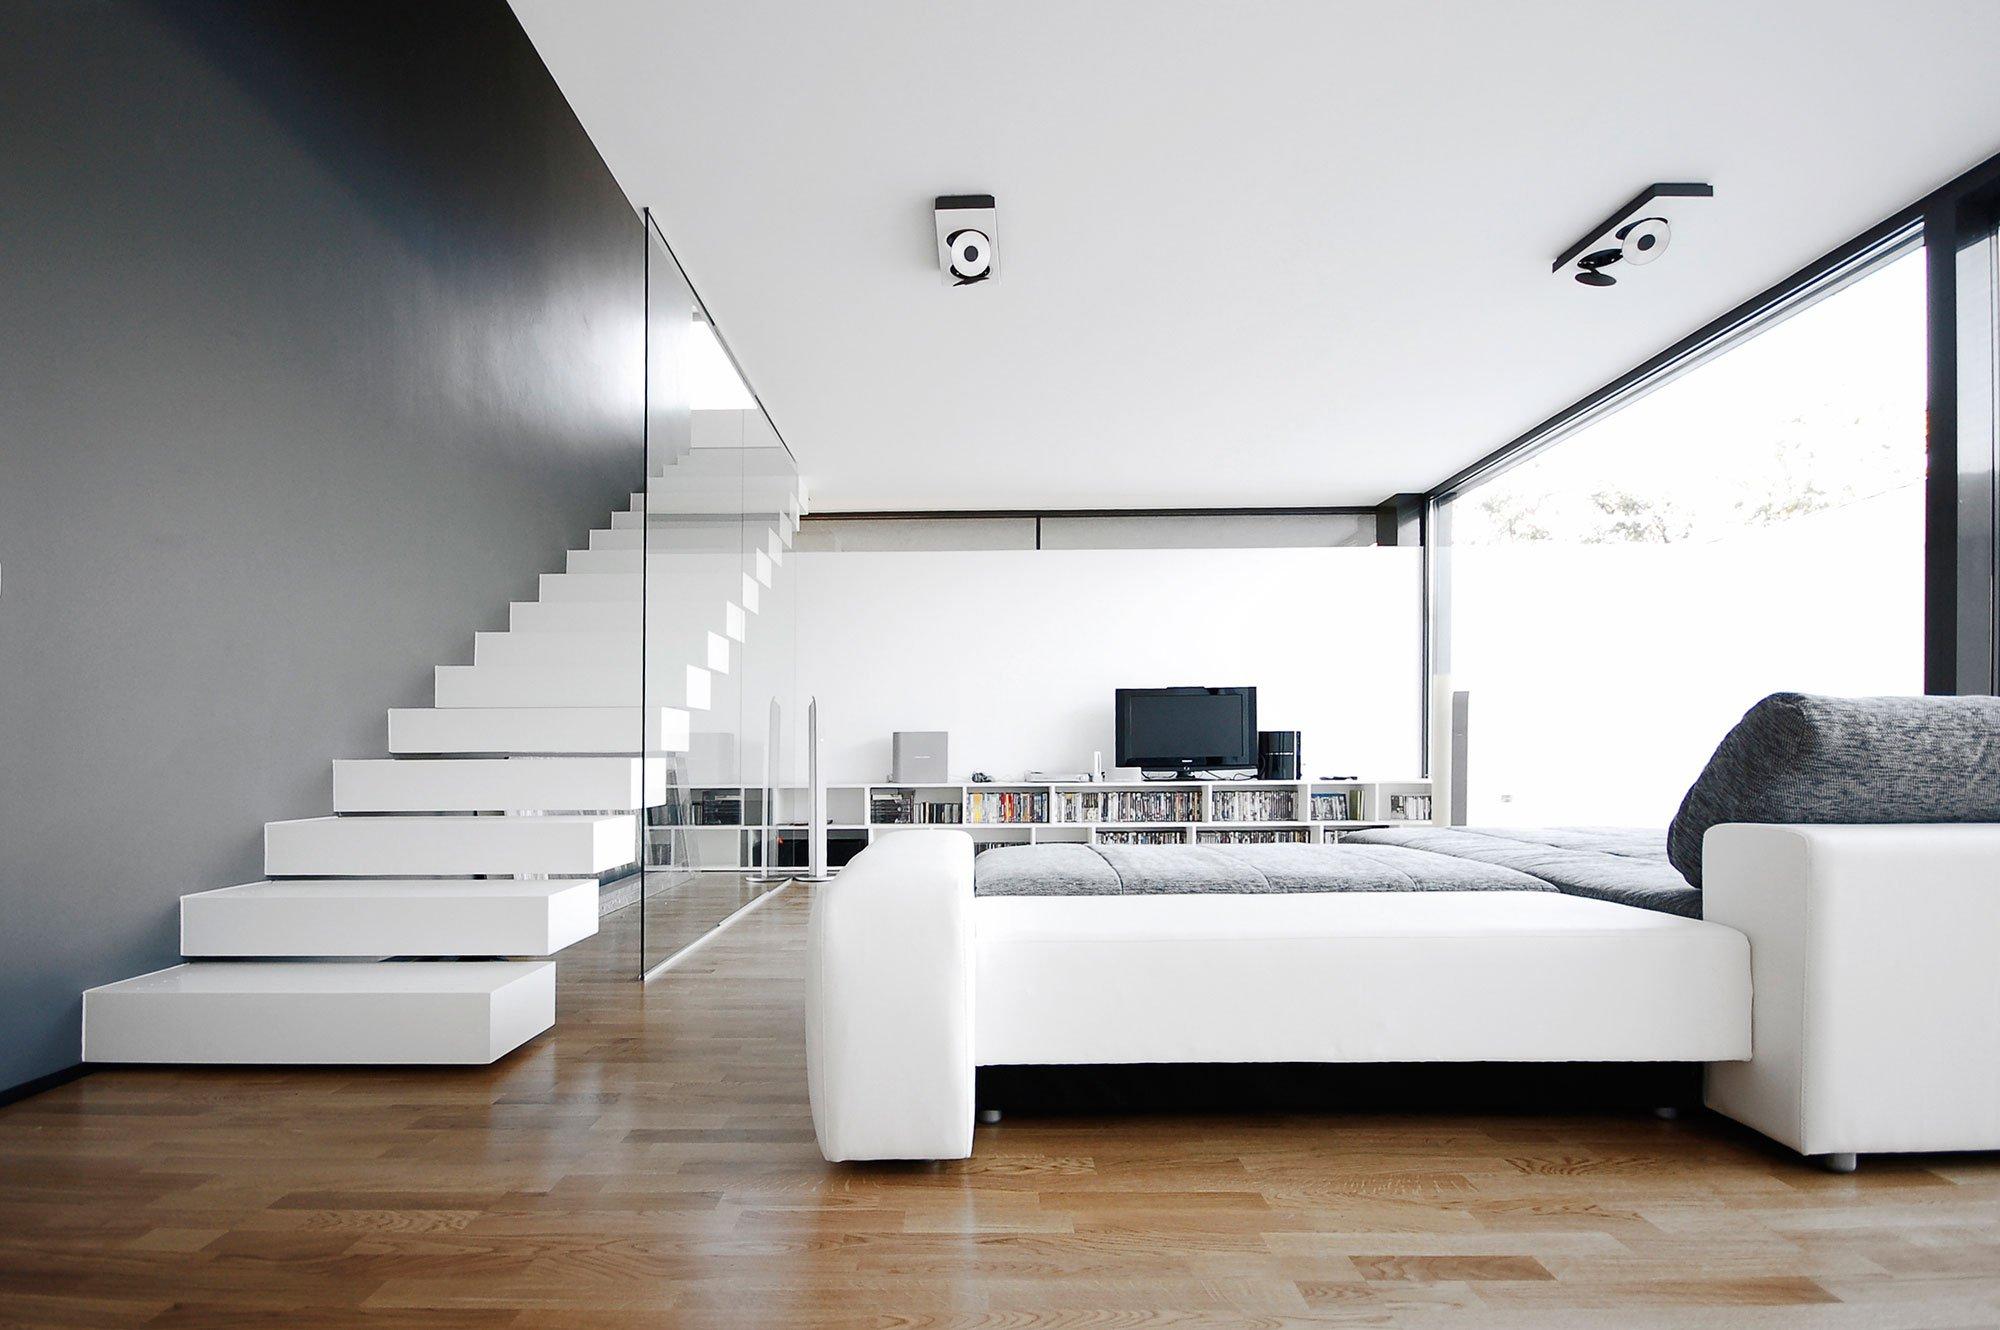 Dise o de casa moderna de dos plantas construye hogar for Interior house designs black and white